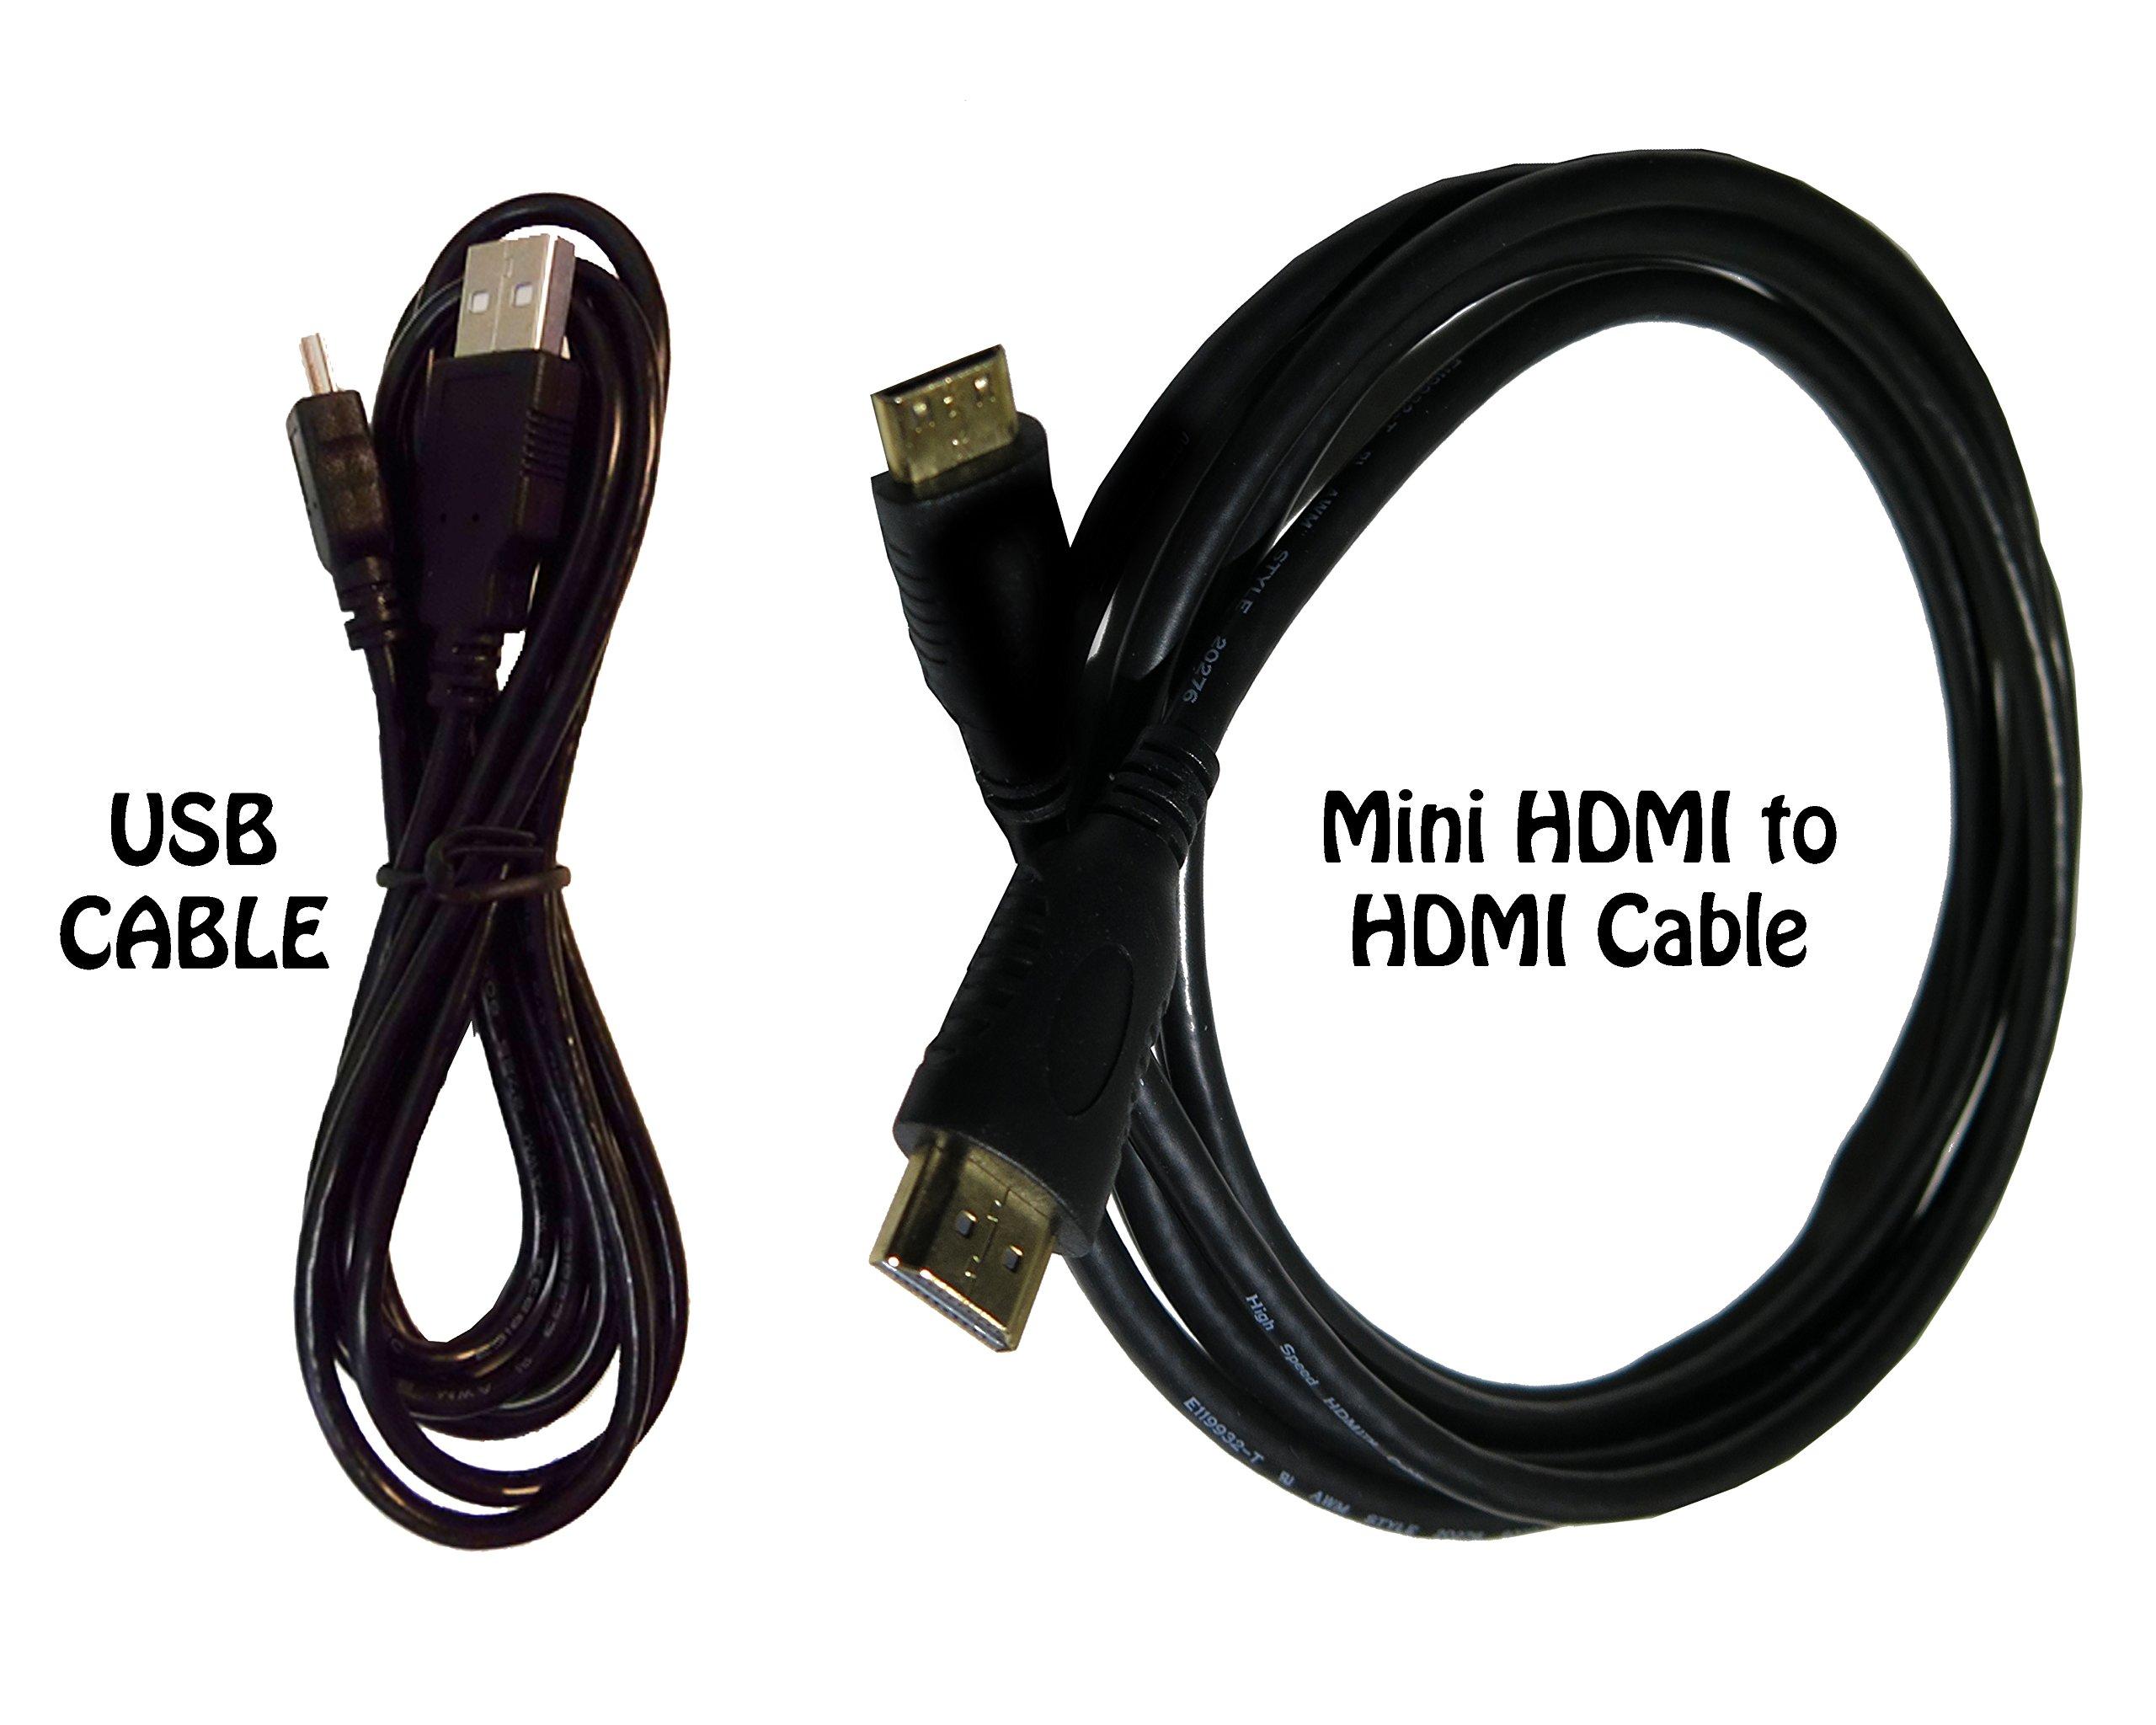 HDMI Cable for Canon EOS SL2 DSLR Camera + USB Cable - High-Speed 4K Mini HDMI to HDMI Cable for Canon EOS SL2 DSLR Camera, 6 Feet.